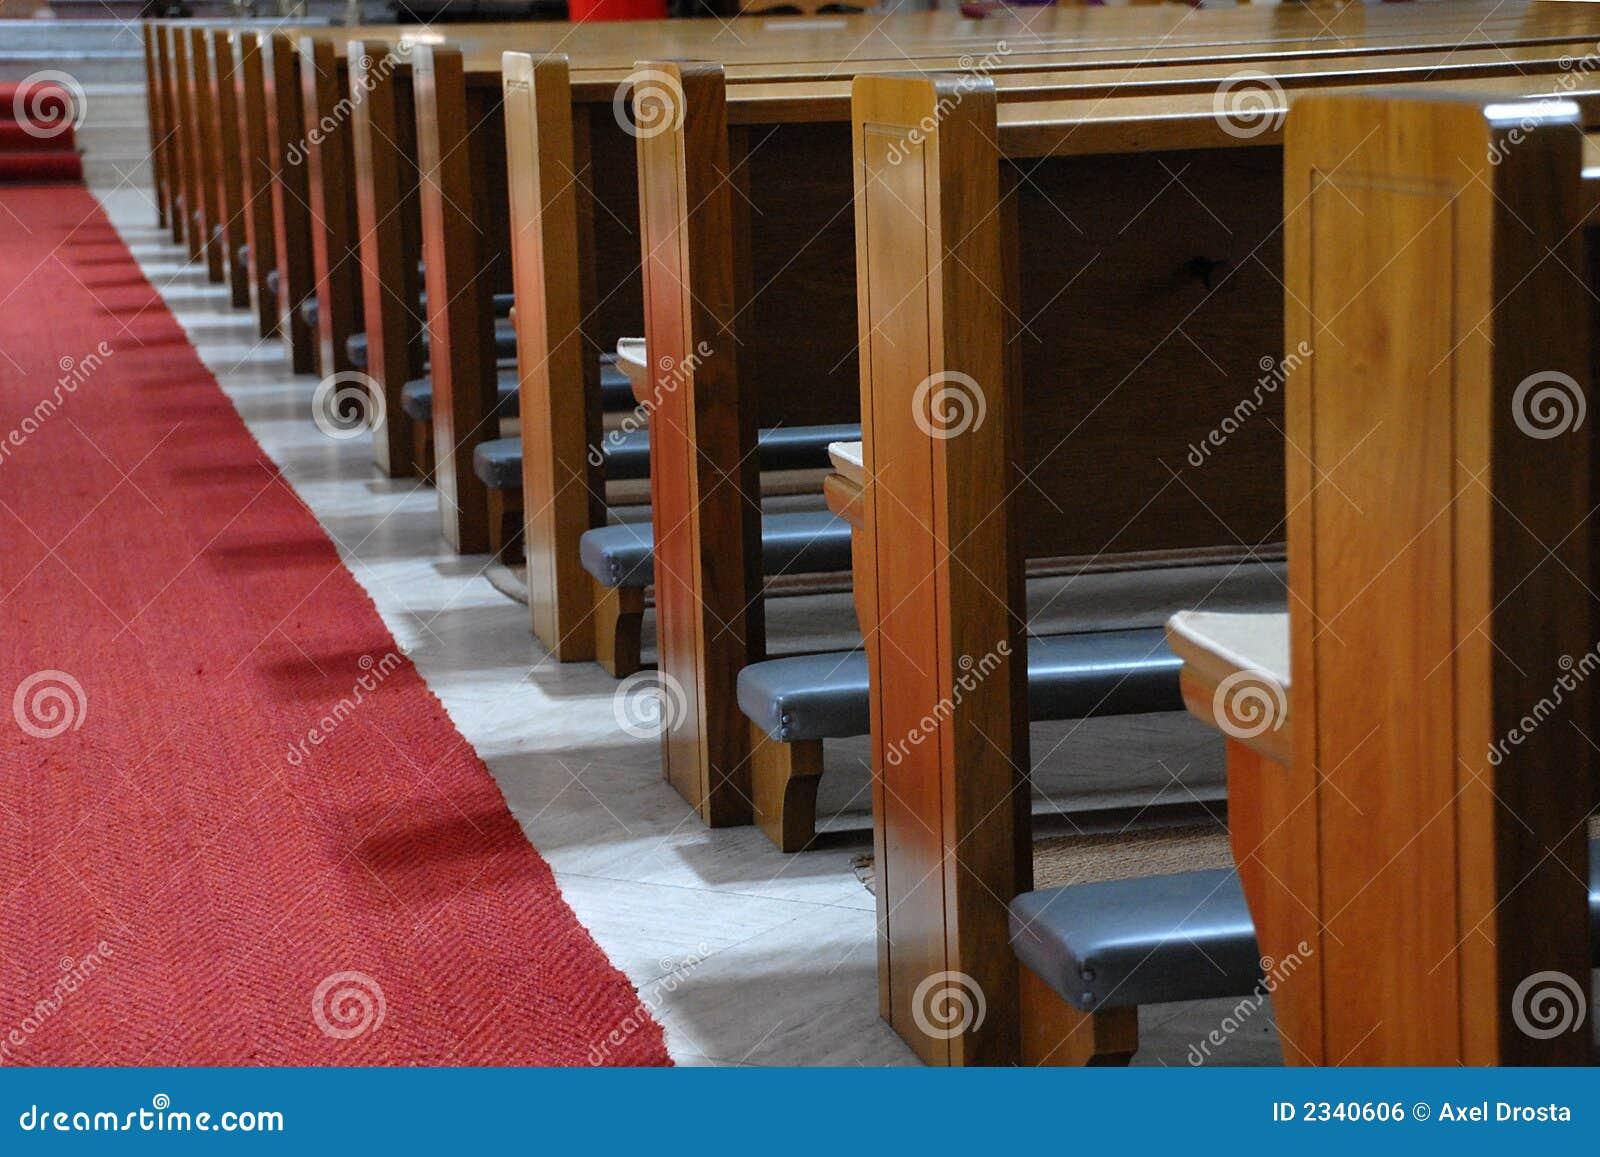 Baviera Alemanha corredor atapetado vermelho bancos de madeira #863C24 1300x957